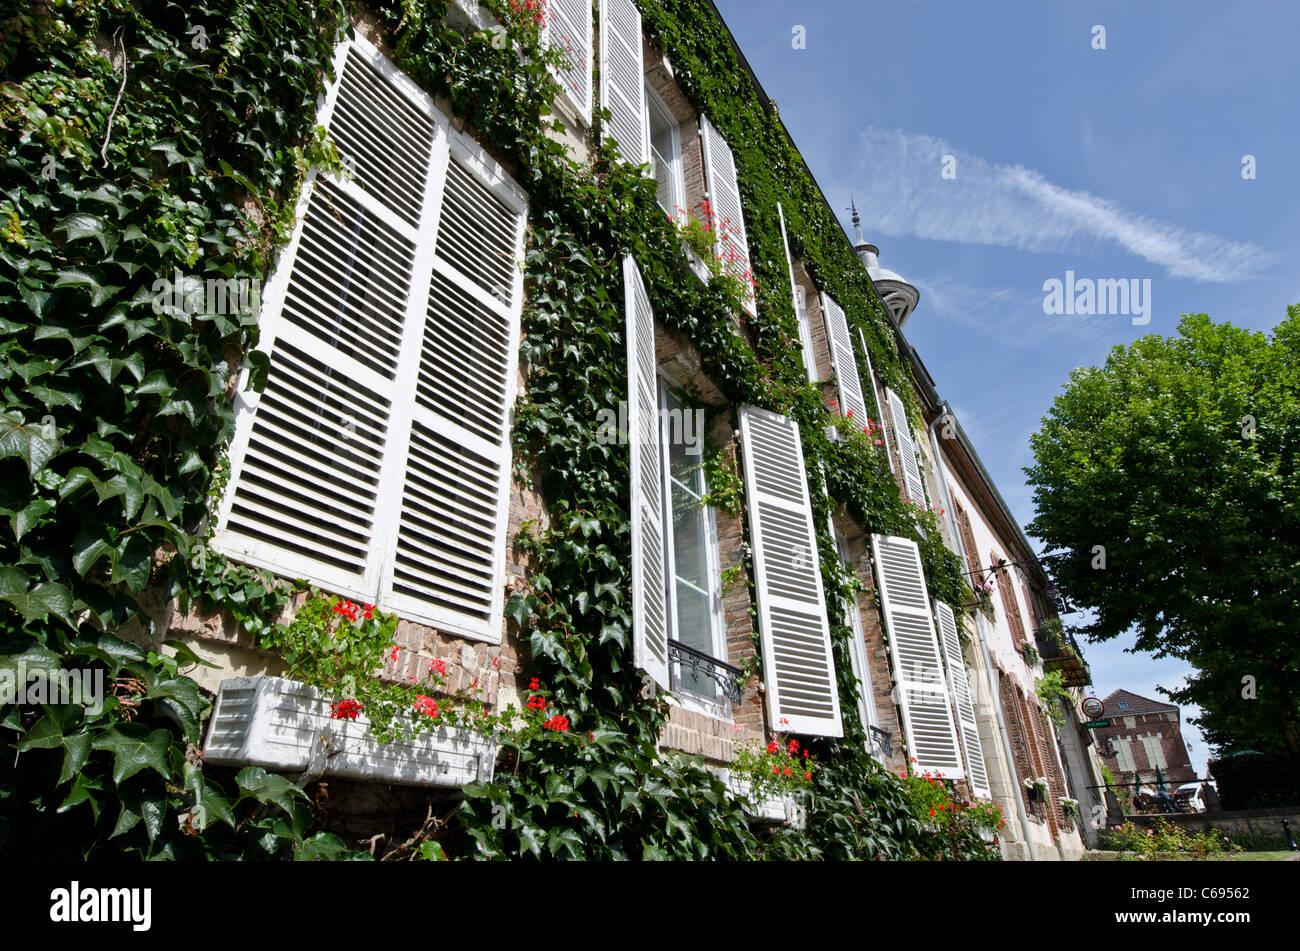 White shuttered windows Hautvillers Champagne-Ardenne France - Stock Image